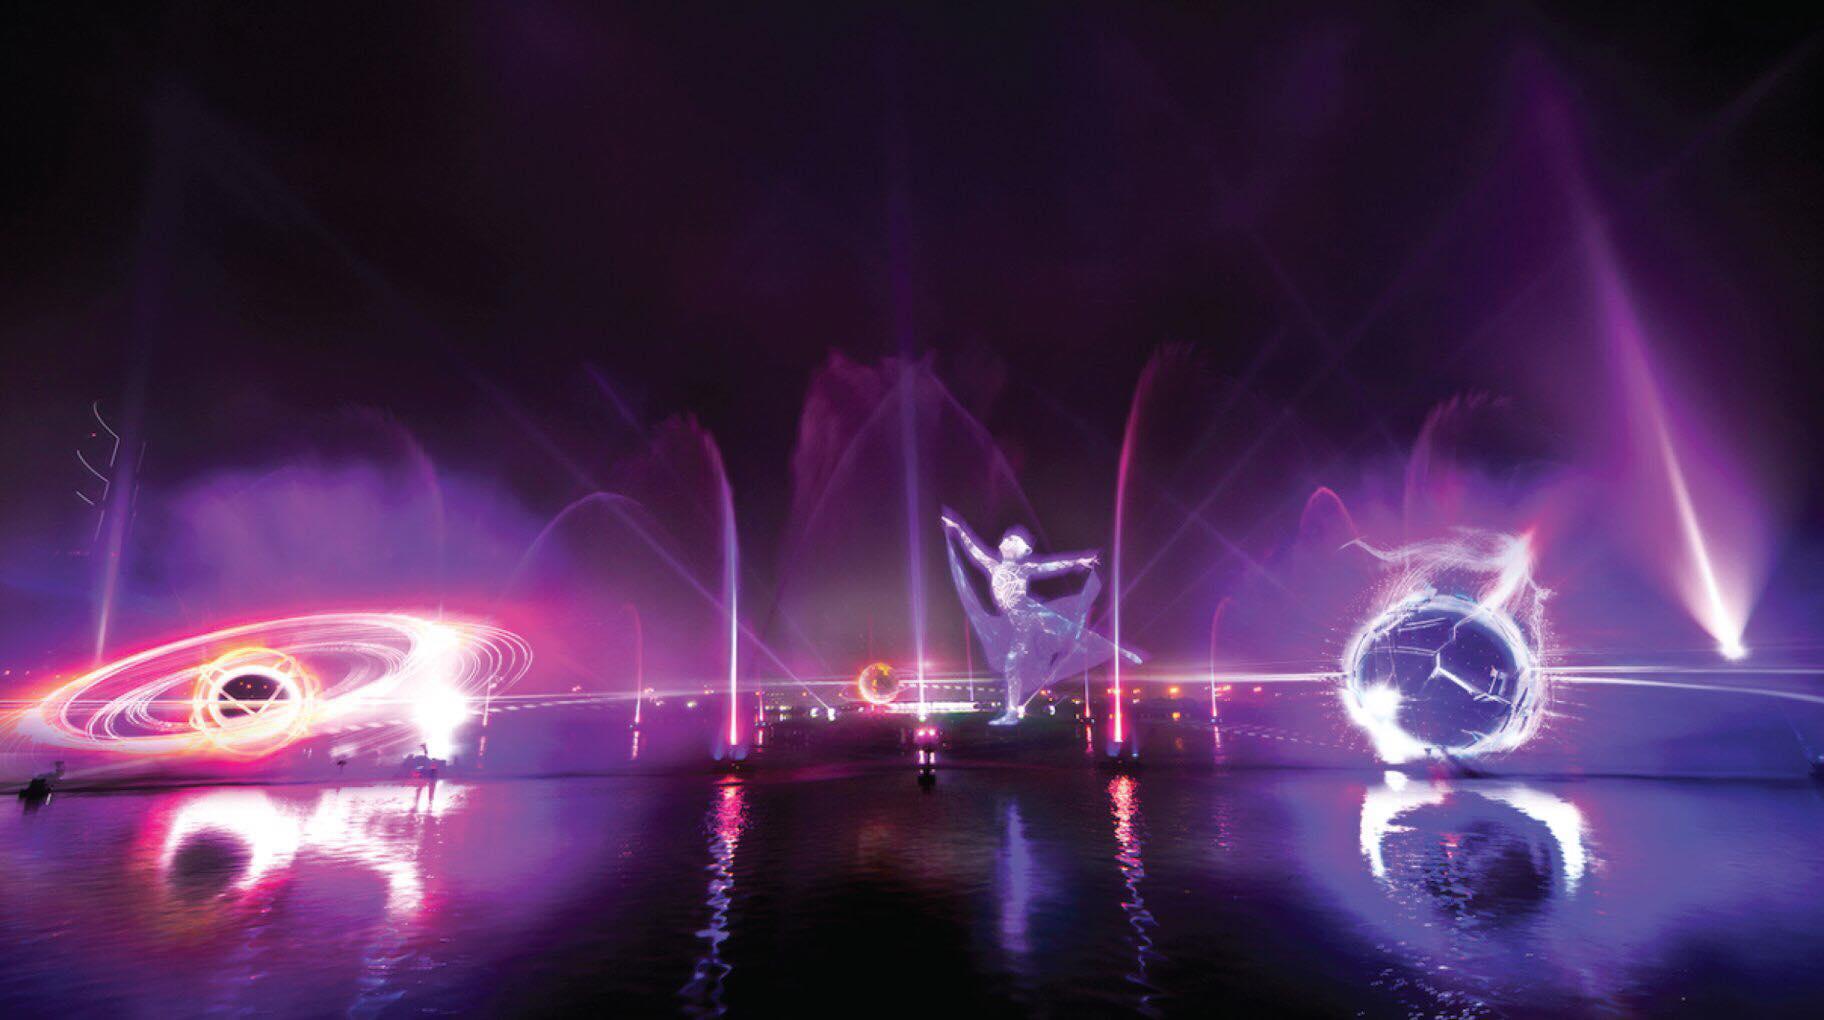 Đầm Sen chính thức khai trương công nghệ laser – màn hình nước 3D chào mừng đại lễ 30/4 - 1/5 - Ảnh 1